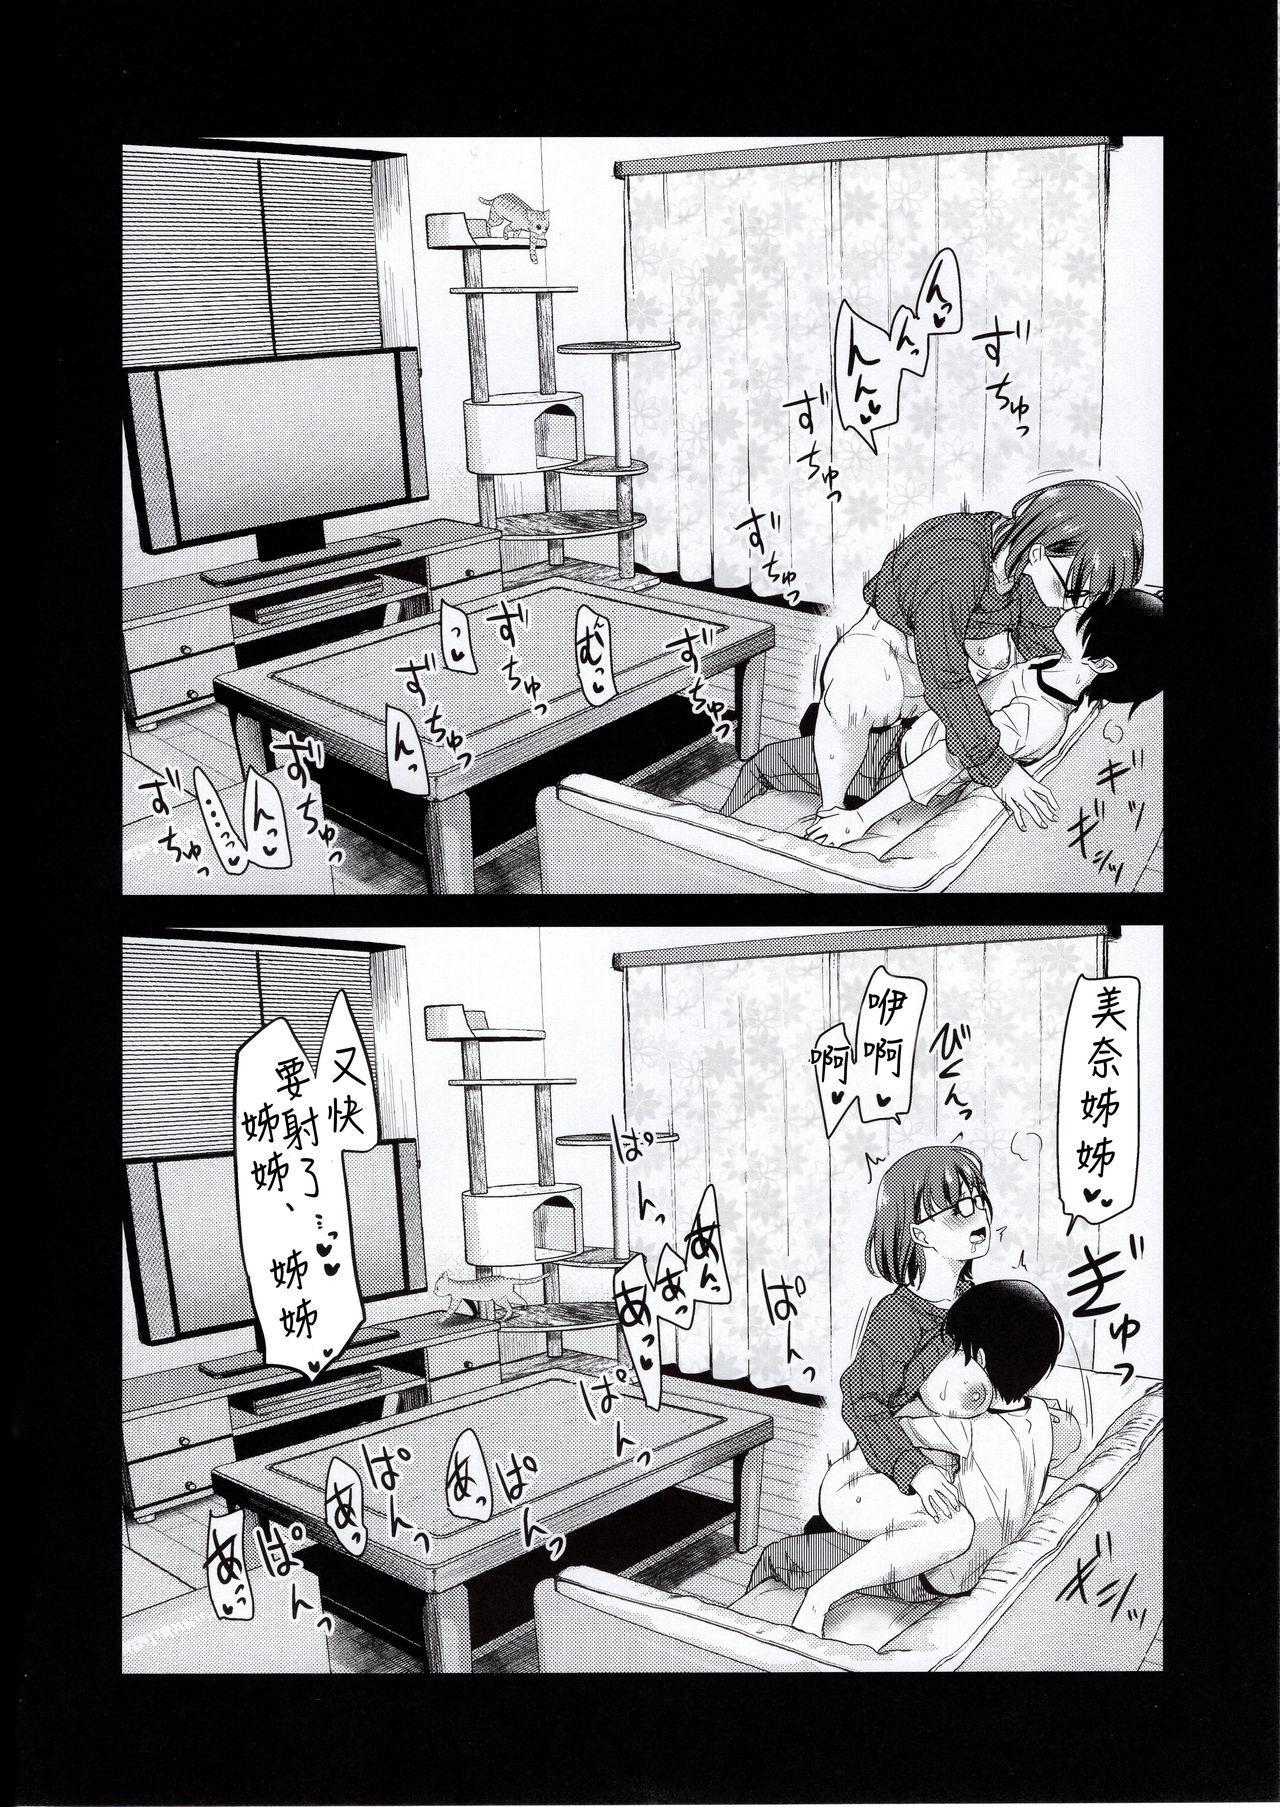 Pet Mimamori Camera ni Ane to Otouto no Sex ga Utsutteta. | 寵物監控拍到了姊姊與弟弟做愛的畫面。 22